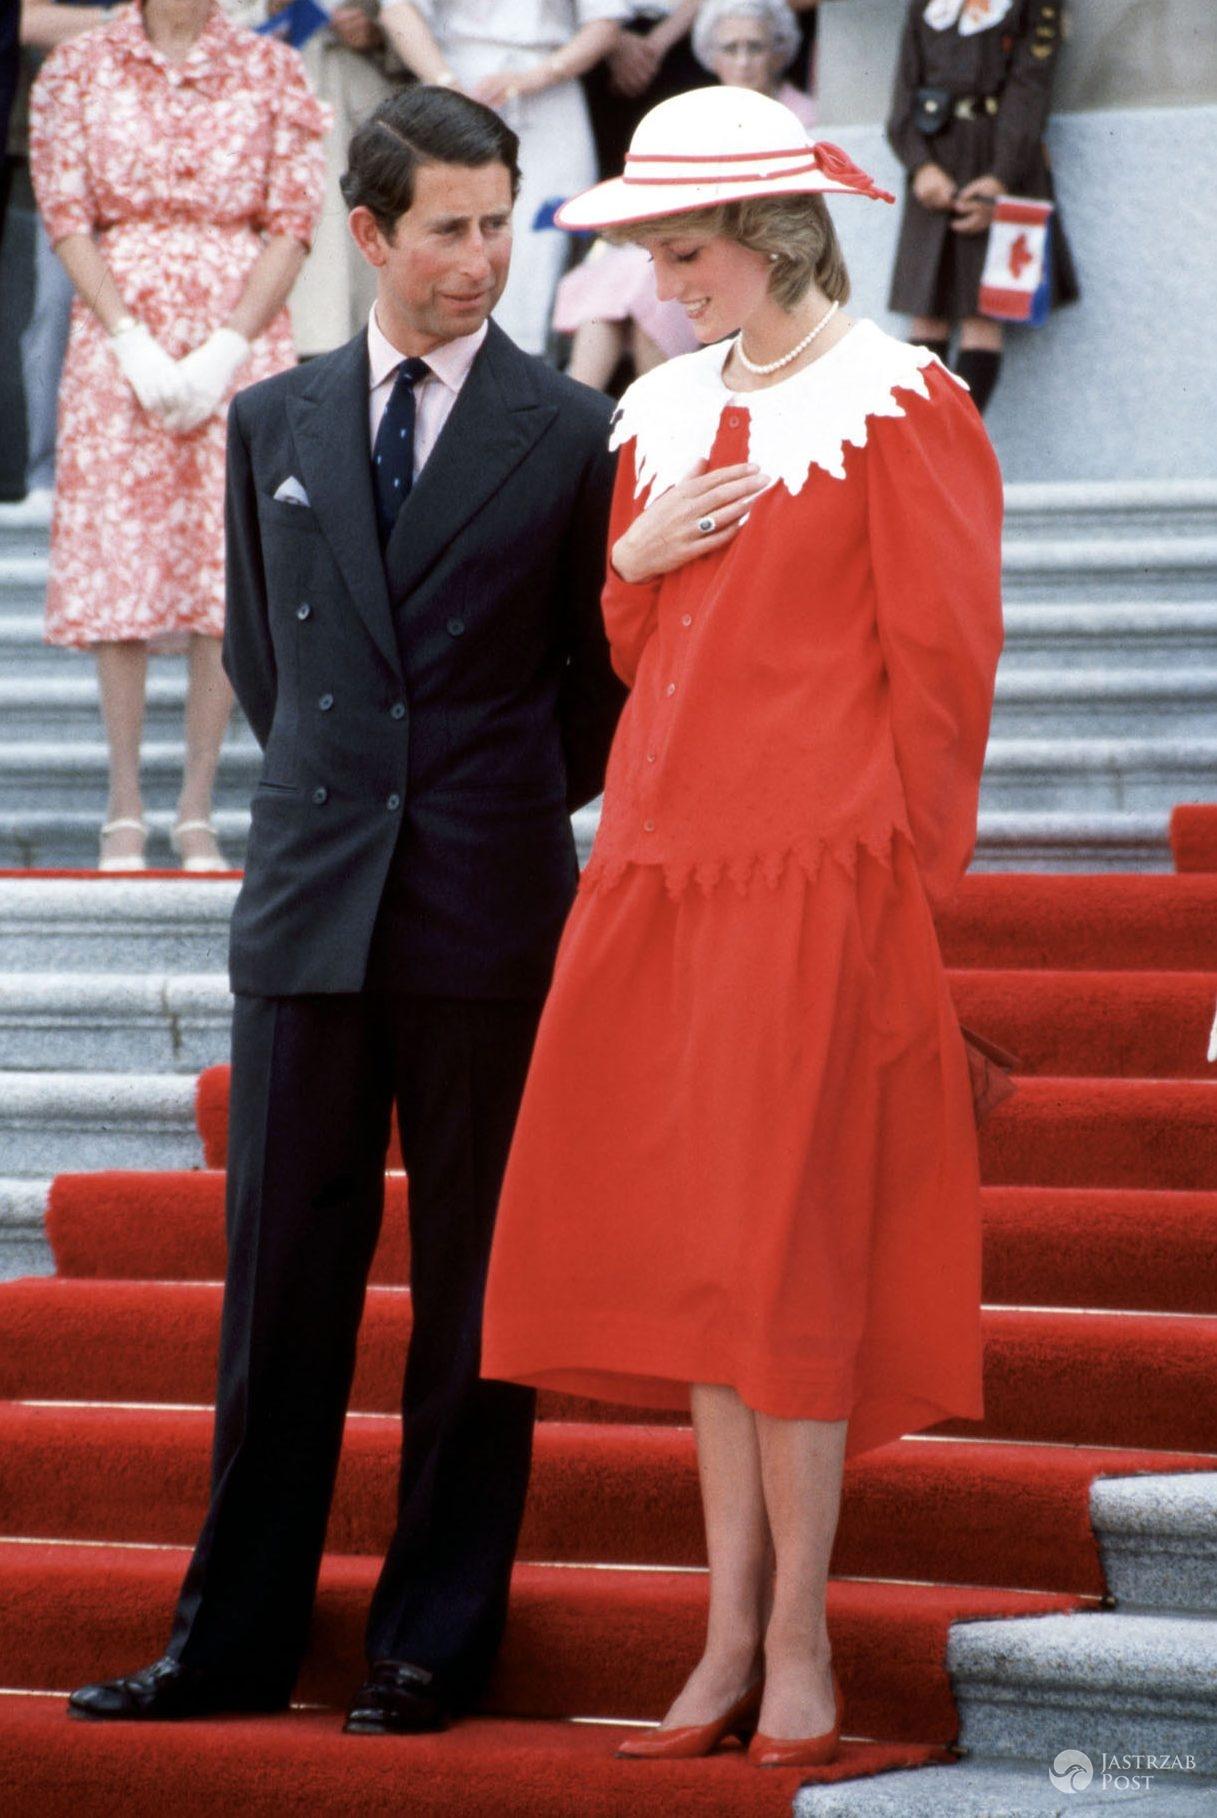 Księżna Diana cięła się żyletkami na oczach księcia Karola